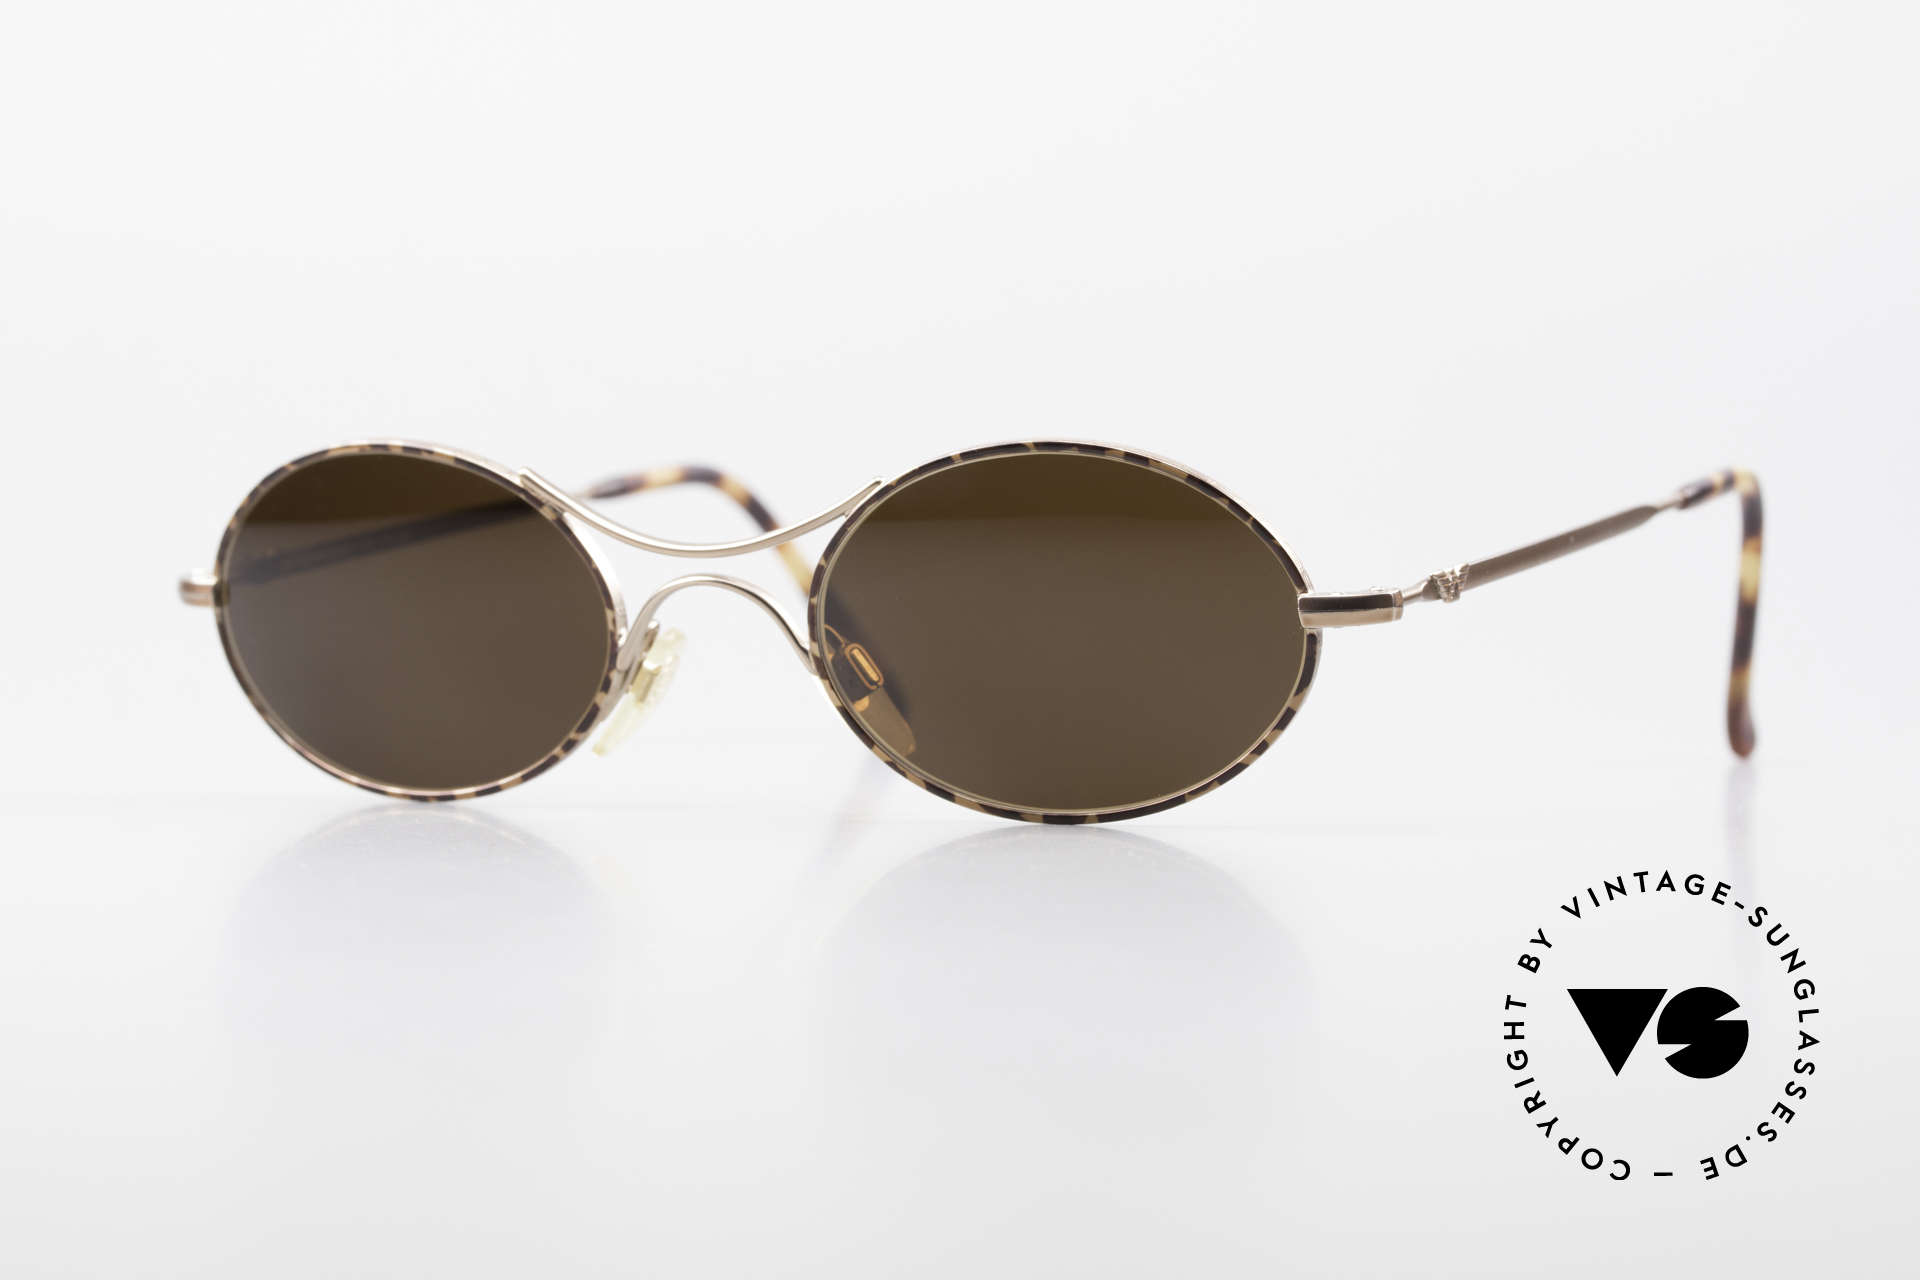 Giorgio Armani EA044 Successor Mod Schubert Glasses, Emporio Armani shades, mod. 044, col. 945, size 48-21, Made for Men and Women